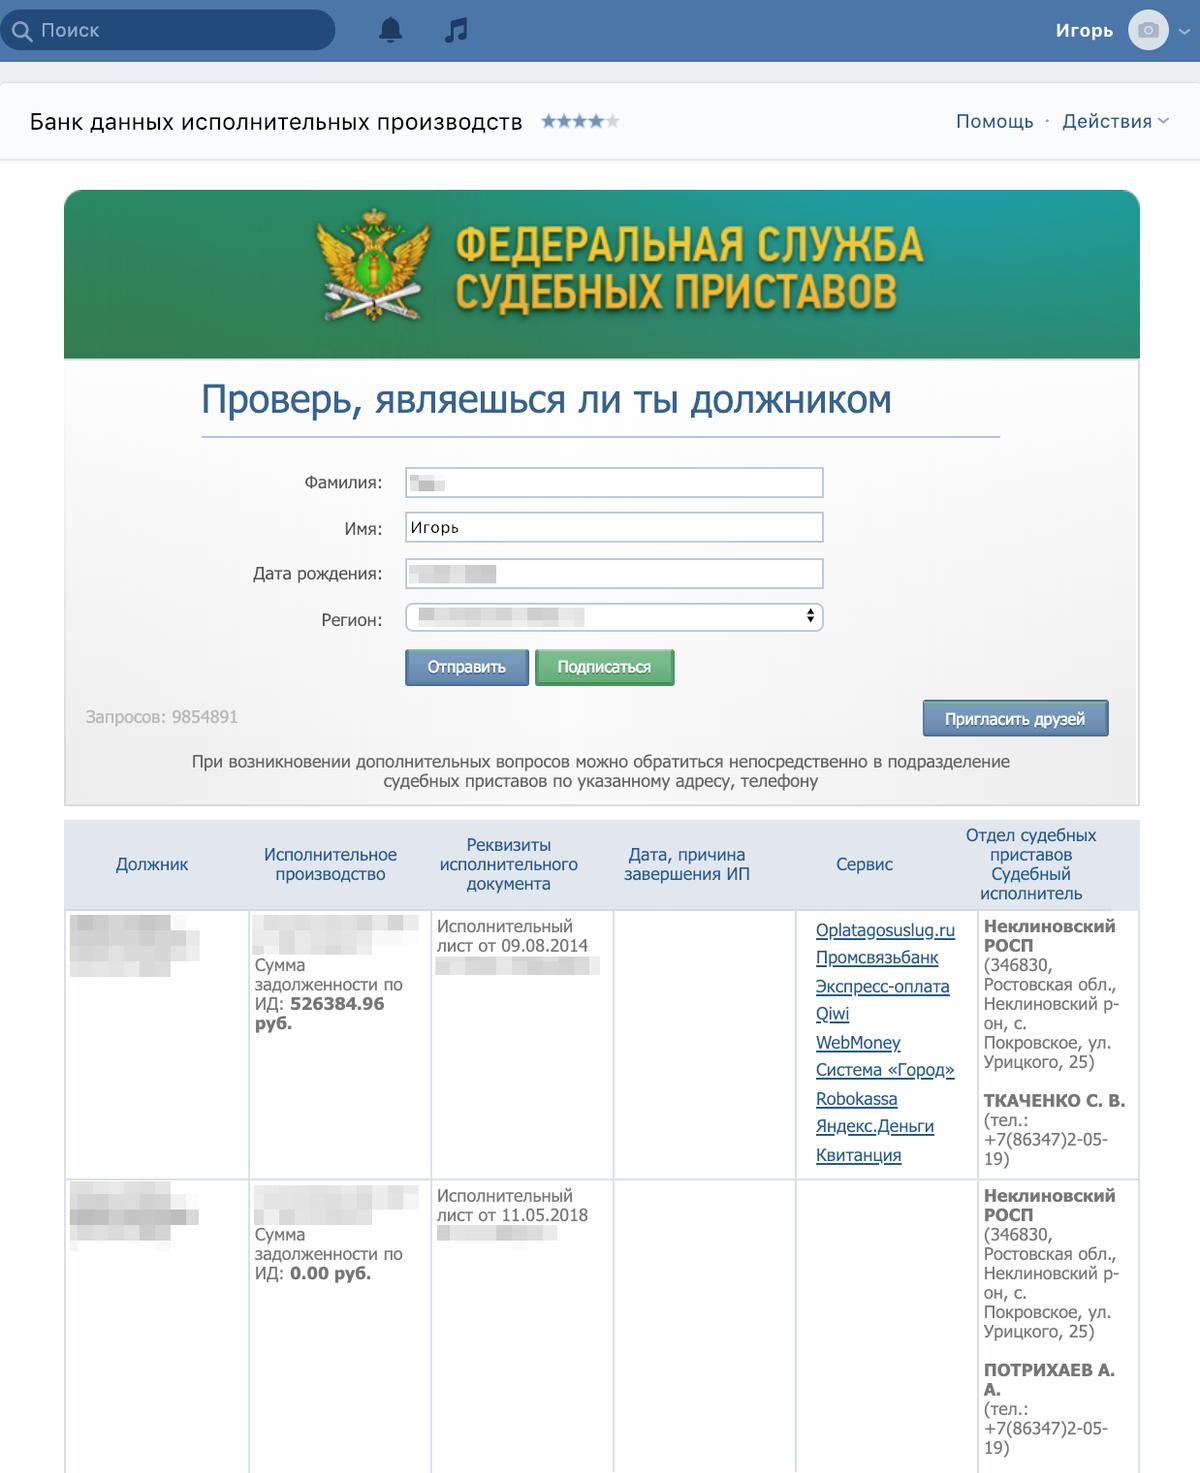 Приложение «Банк данных исполнительных производств» позволяет проверить наличие задолженности, не отрываясь от социальных сетей